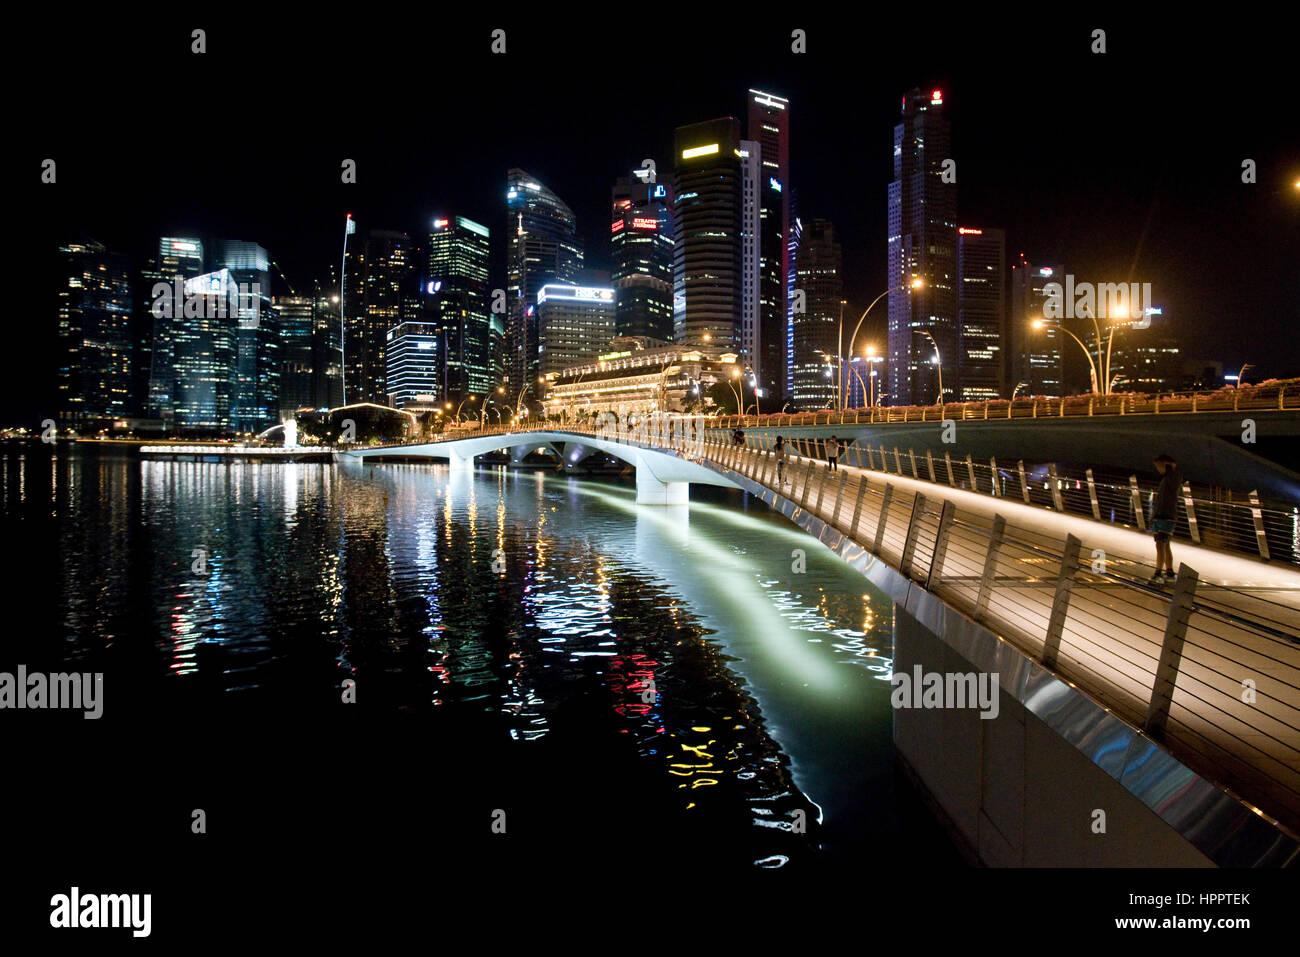 Ein Stadtbild Ansicht mit der Jubilee Bridge-Foregroumd und dem Central Business District-Hintergrund in Marina Stockbild